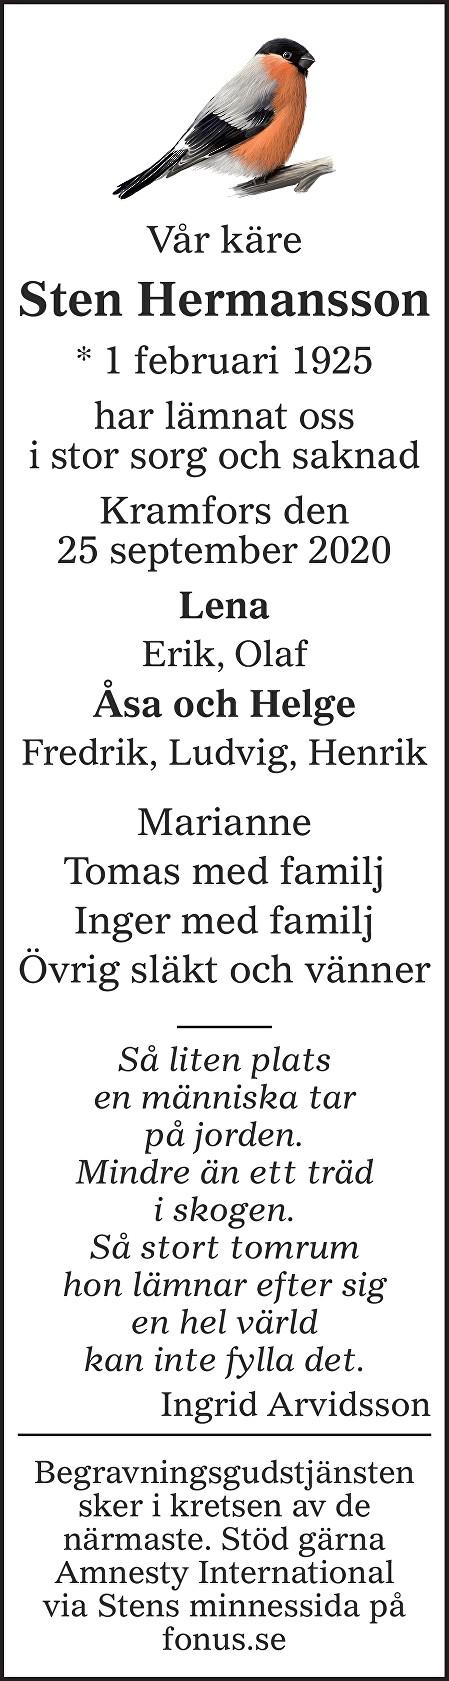 Sten Hermansson Death notice